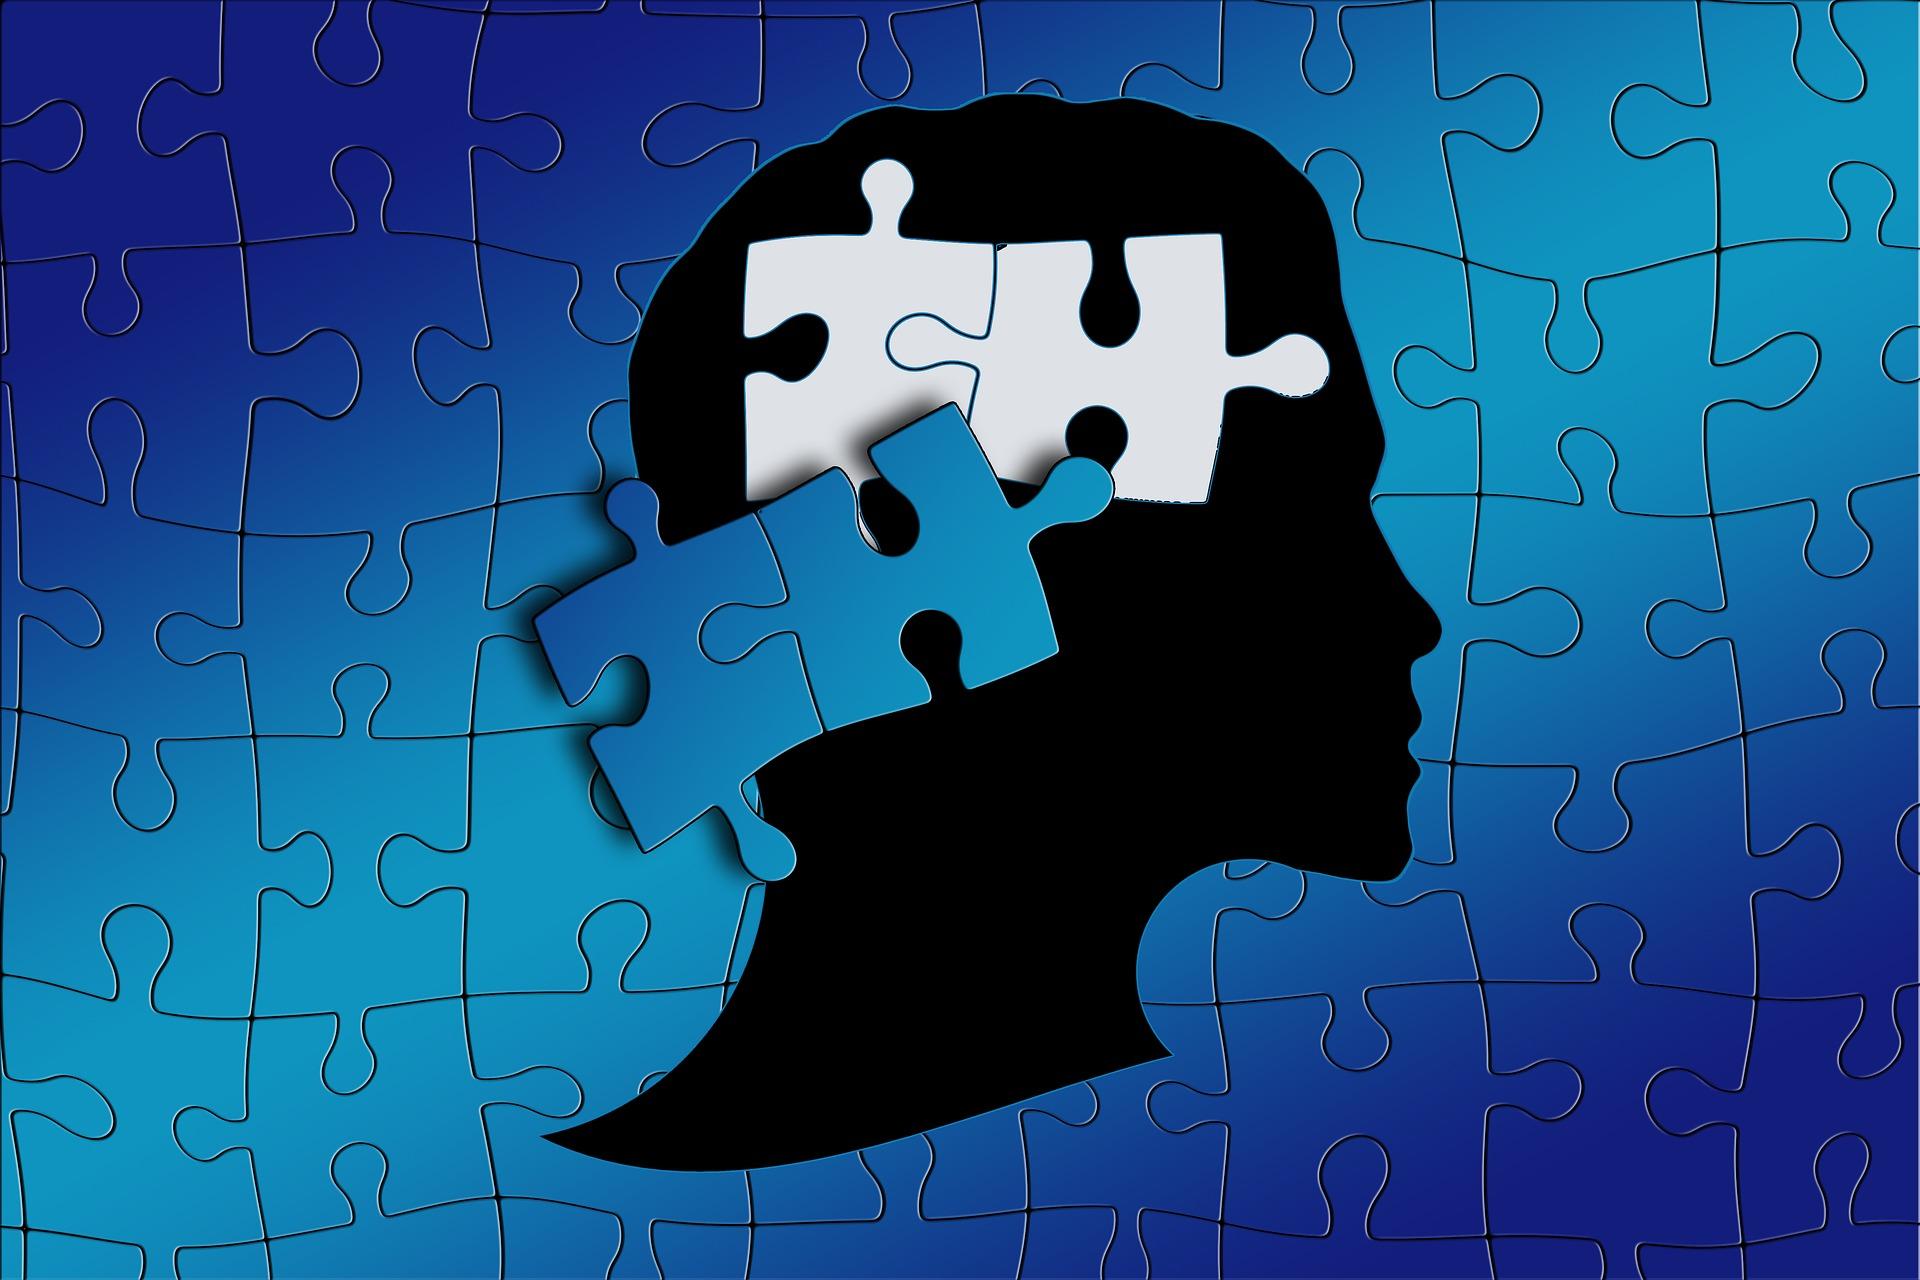 Course Image Specyficzne trudności w uczeniu się - dysleksja - diagnoza, metodyka prowadzenia zajęć korekcyjno-kompensacyjnych, wyrównawczych/Kitlińska-Król/L21